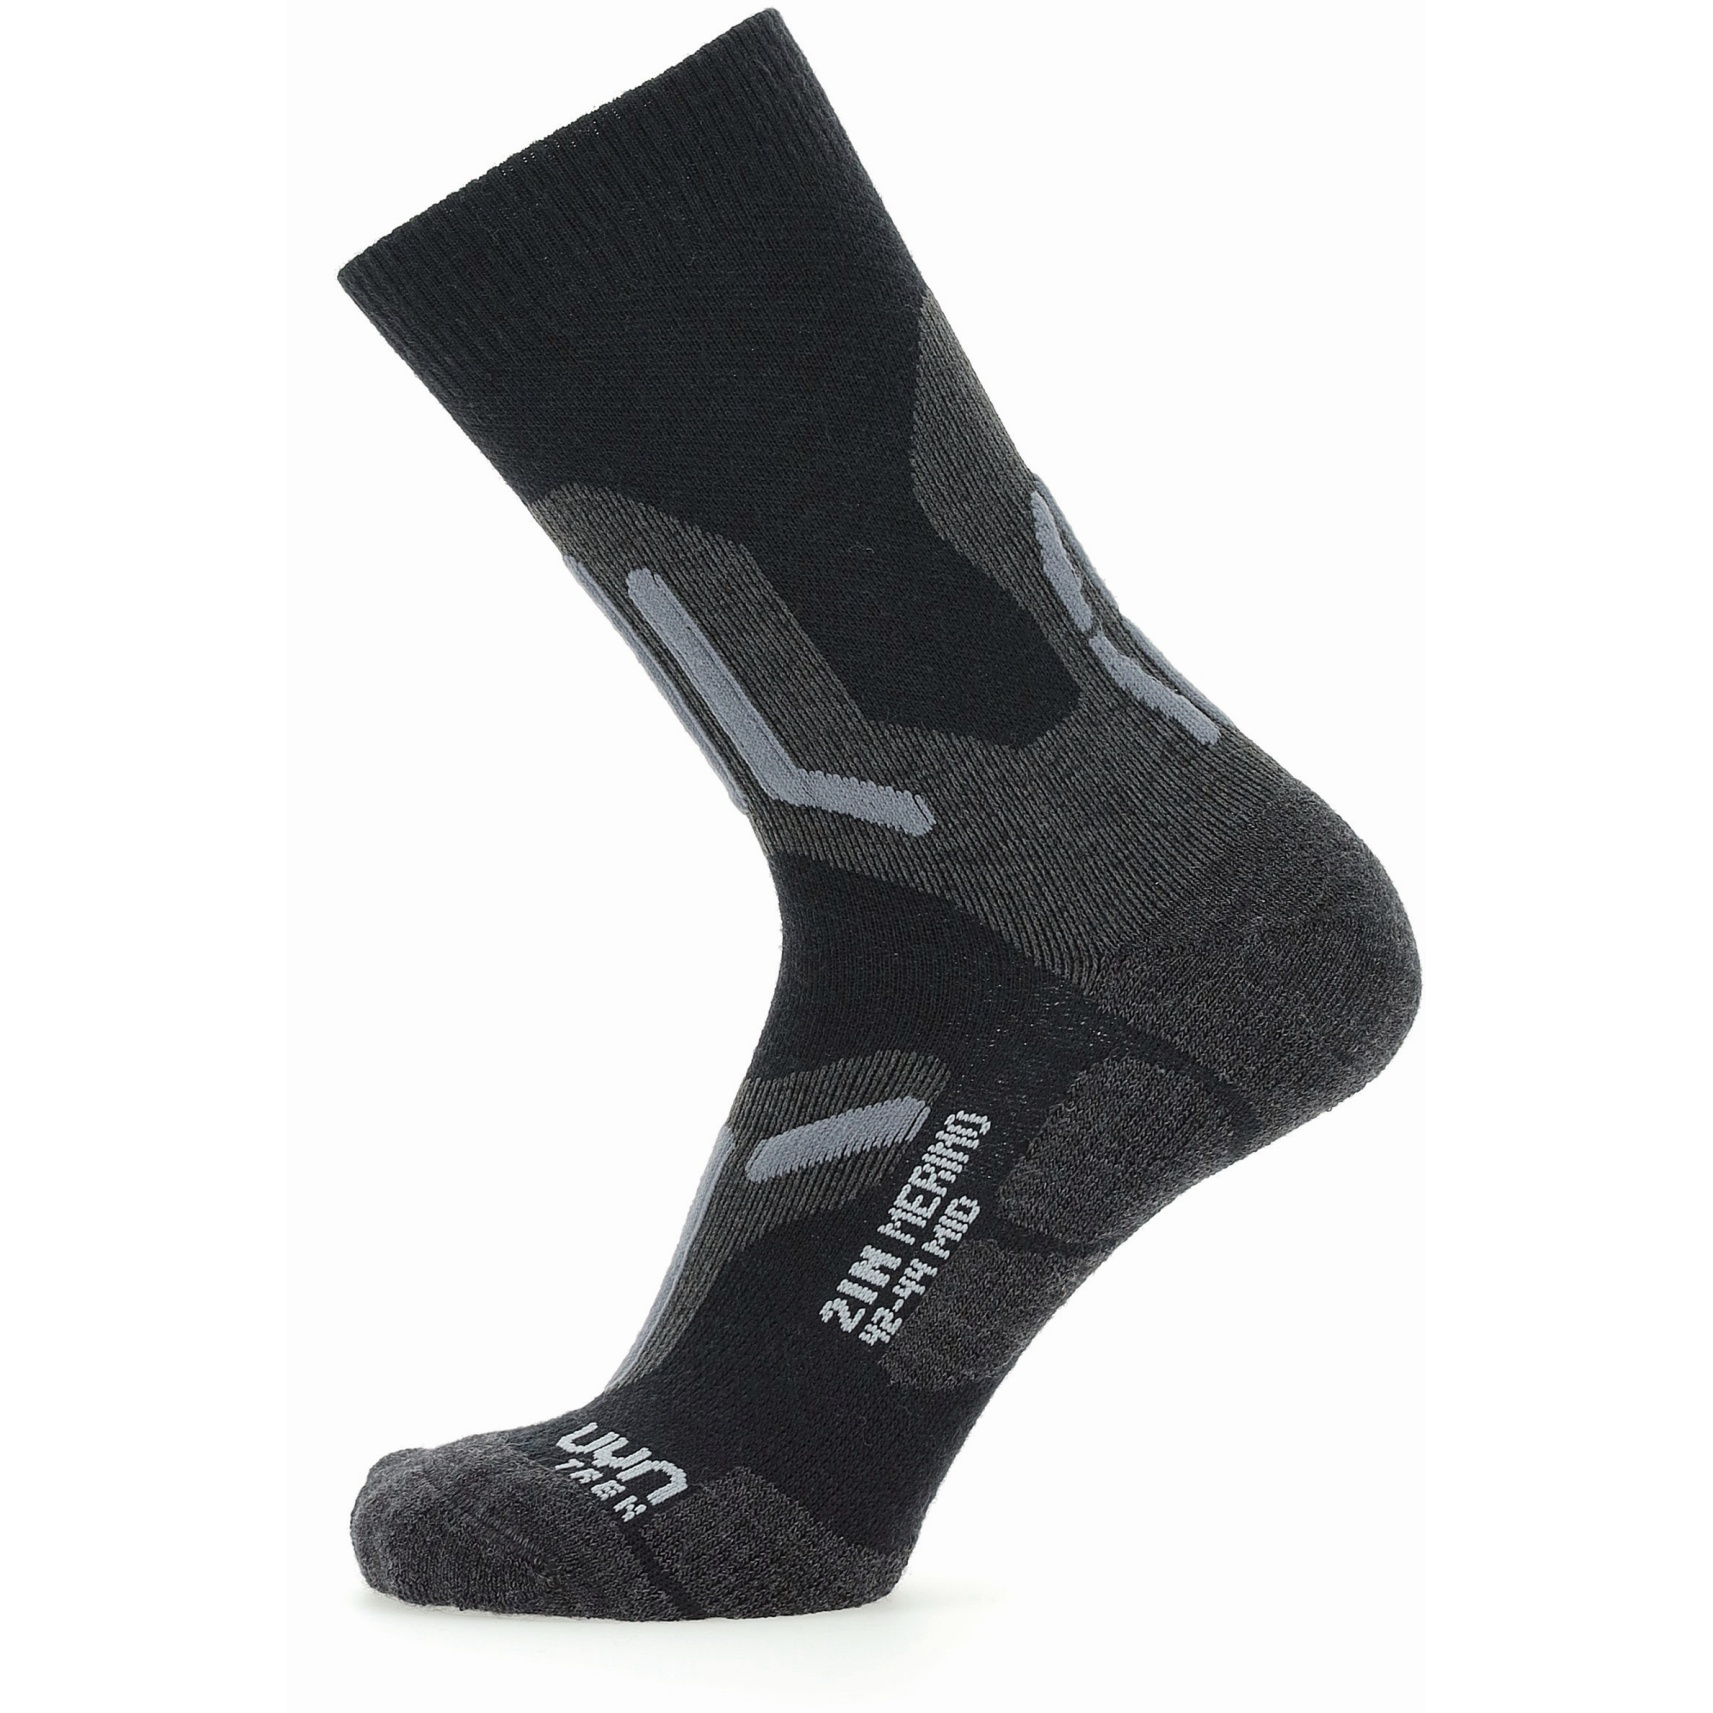 Bild von UYN Trekking 2In Merino Mid Cut Socken - Schwarz/Grau